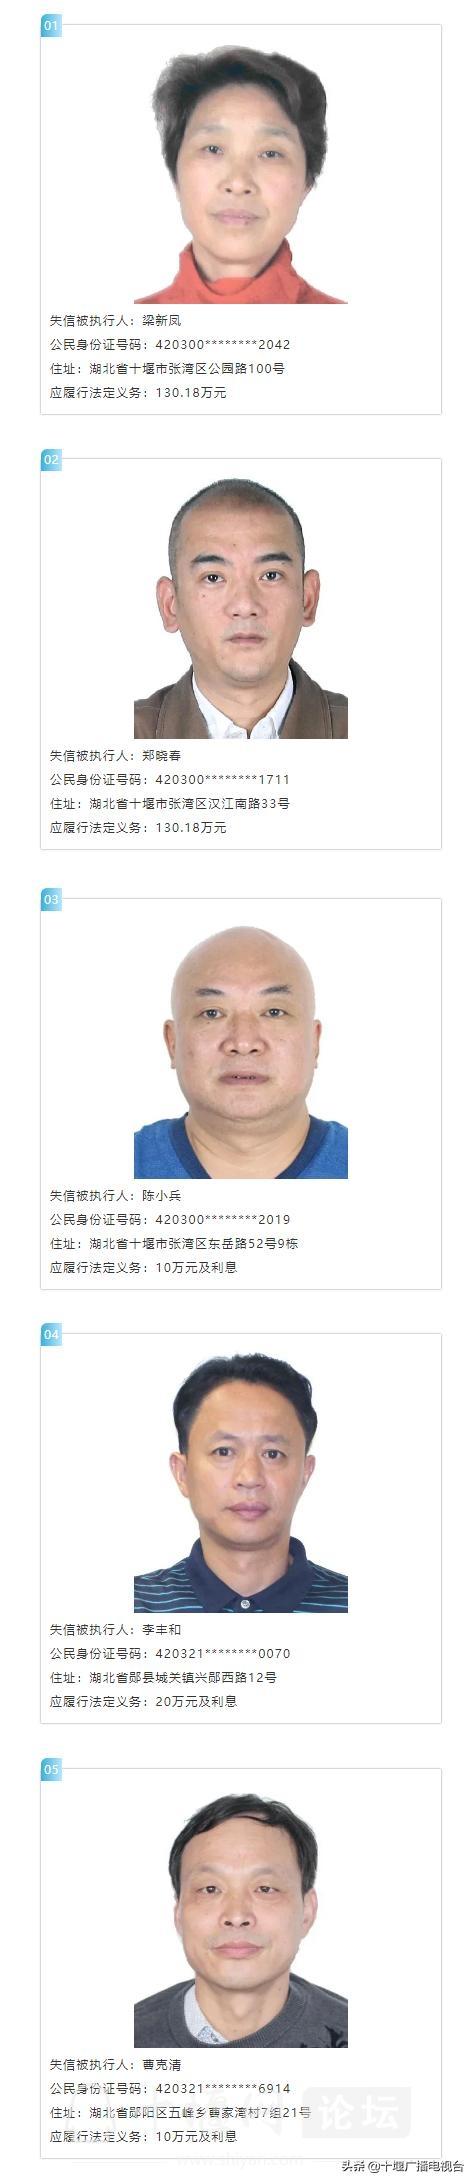 照片、住址全公开!张湾曝光50名失信被执行人-1.jpg